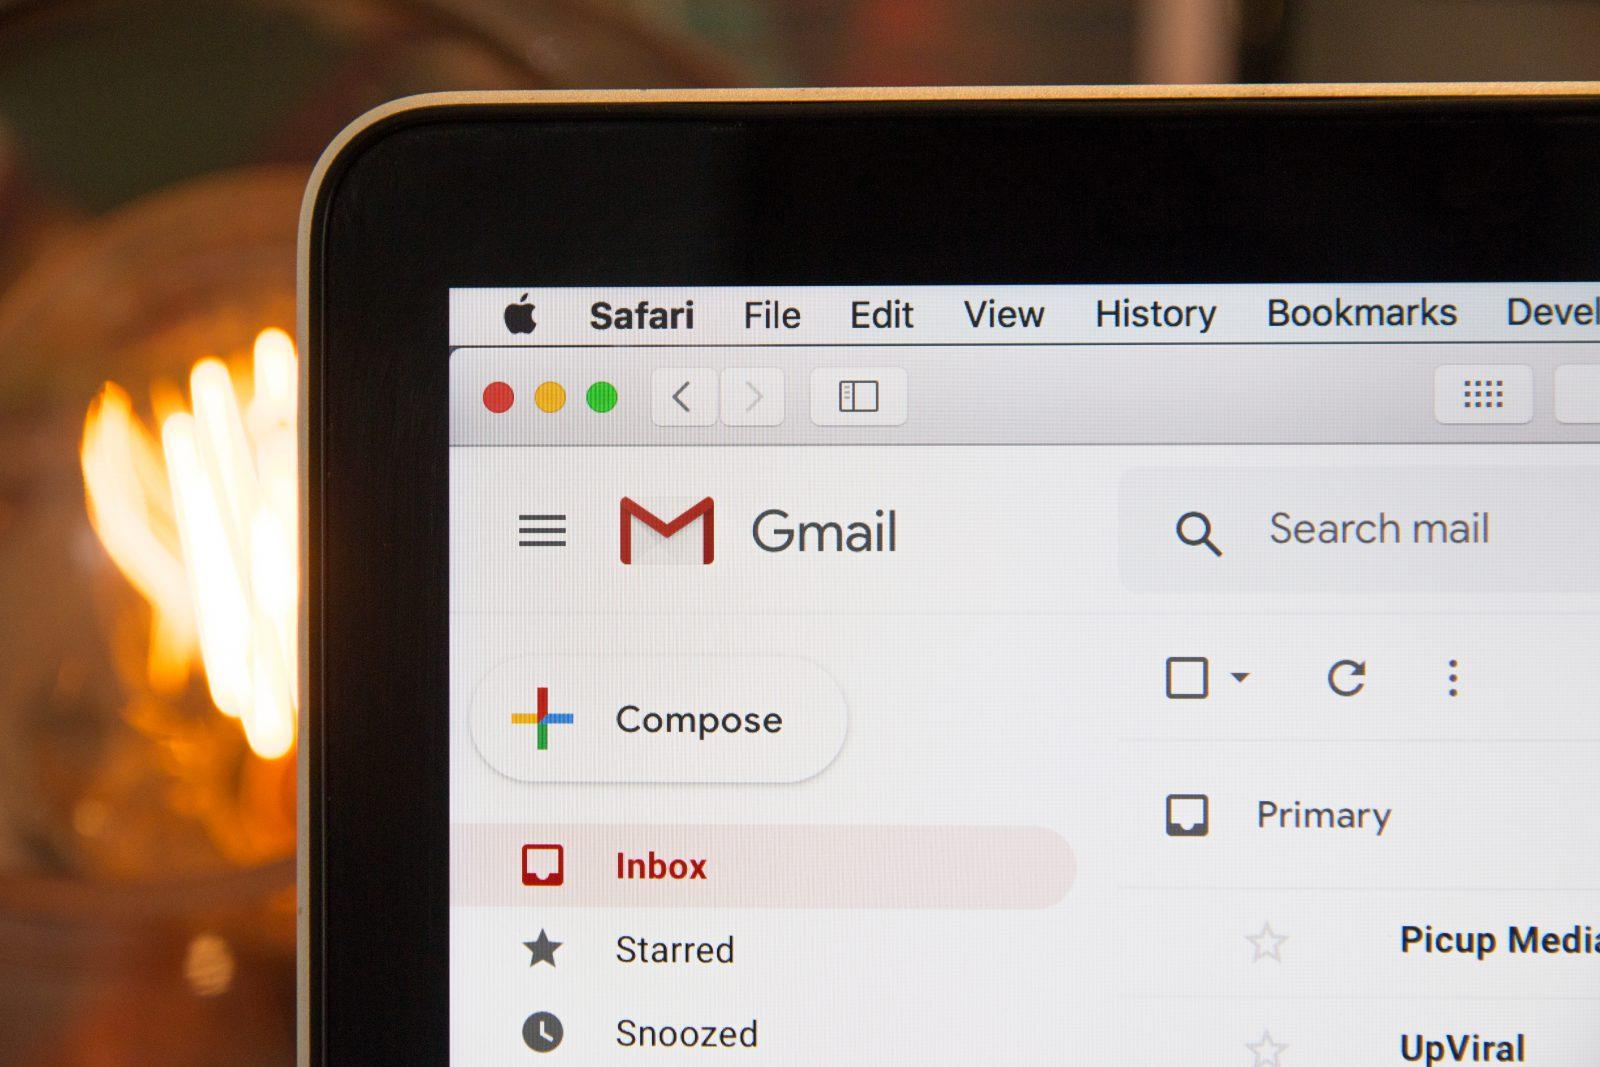 Gmail Account Aanmaken Zo Doe Je Dat Binnen Twee Minuten Want